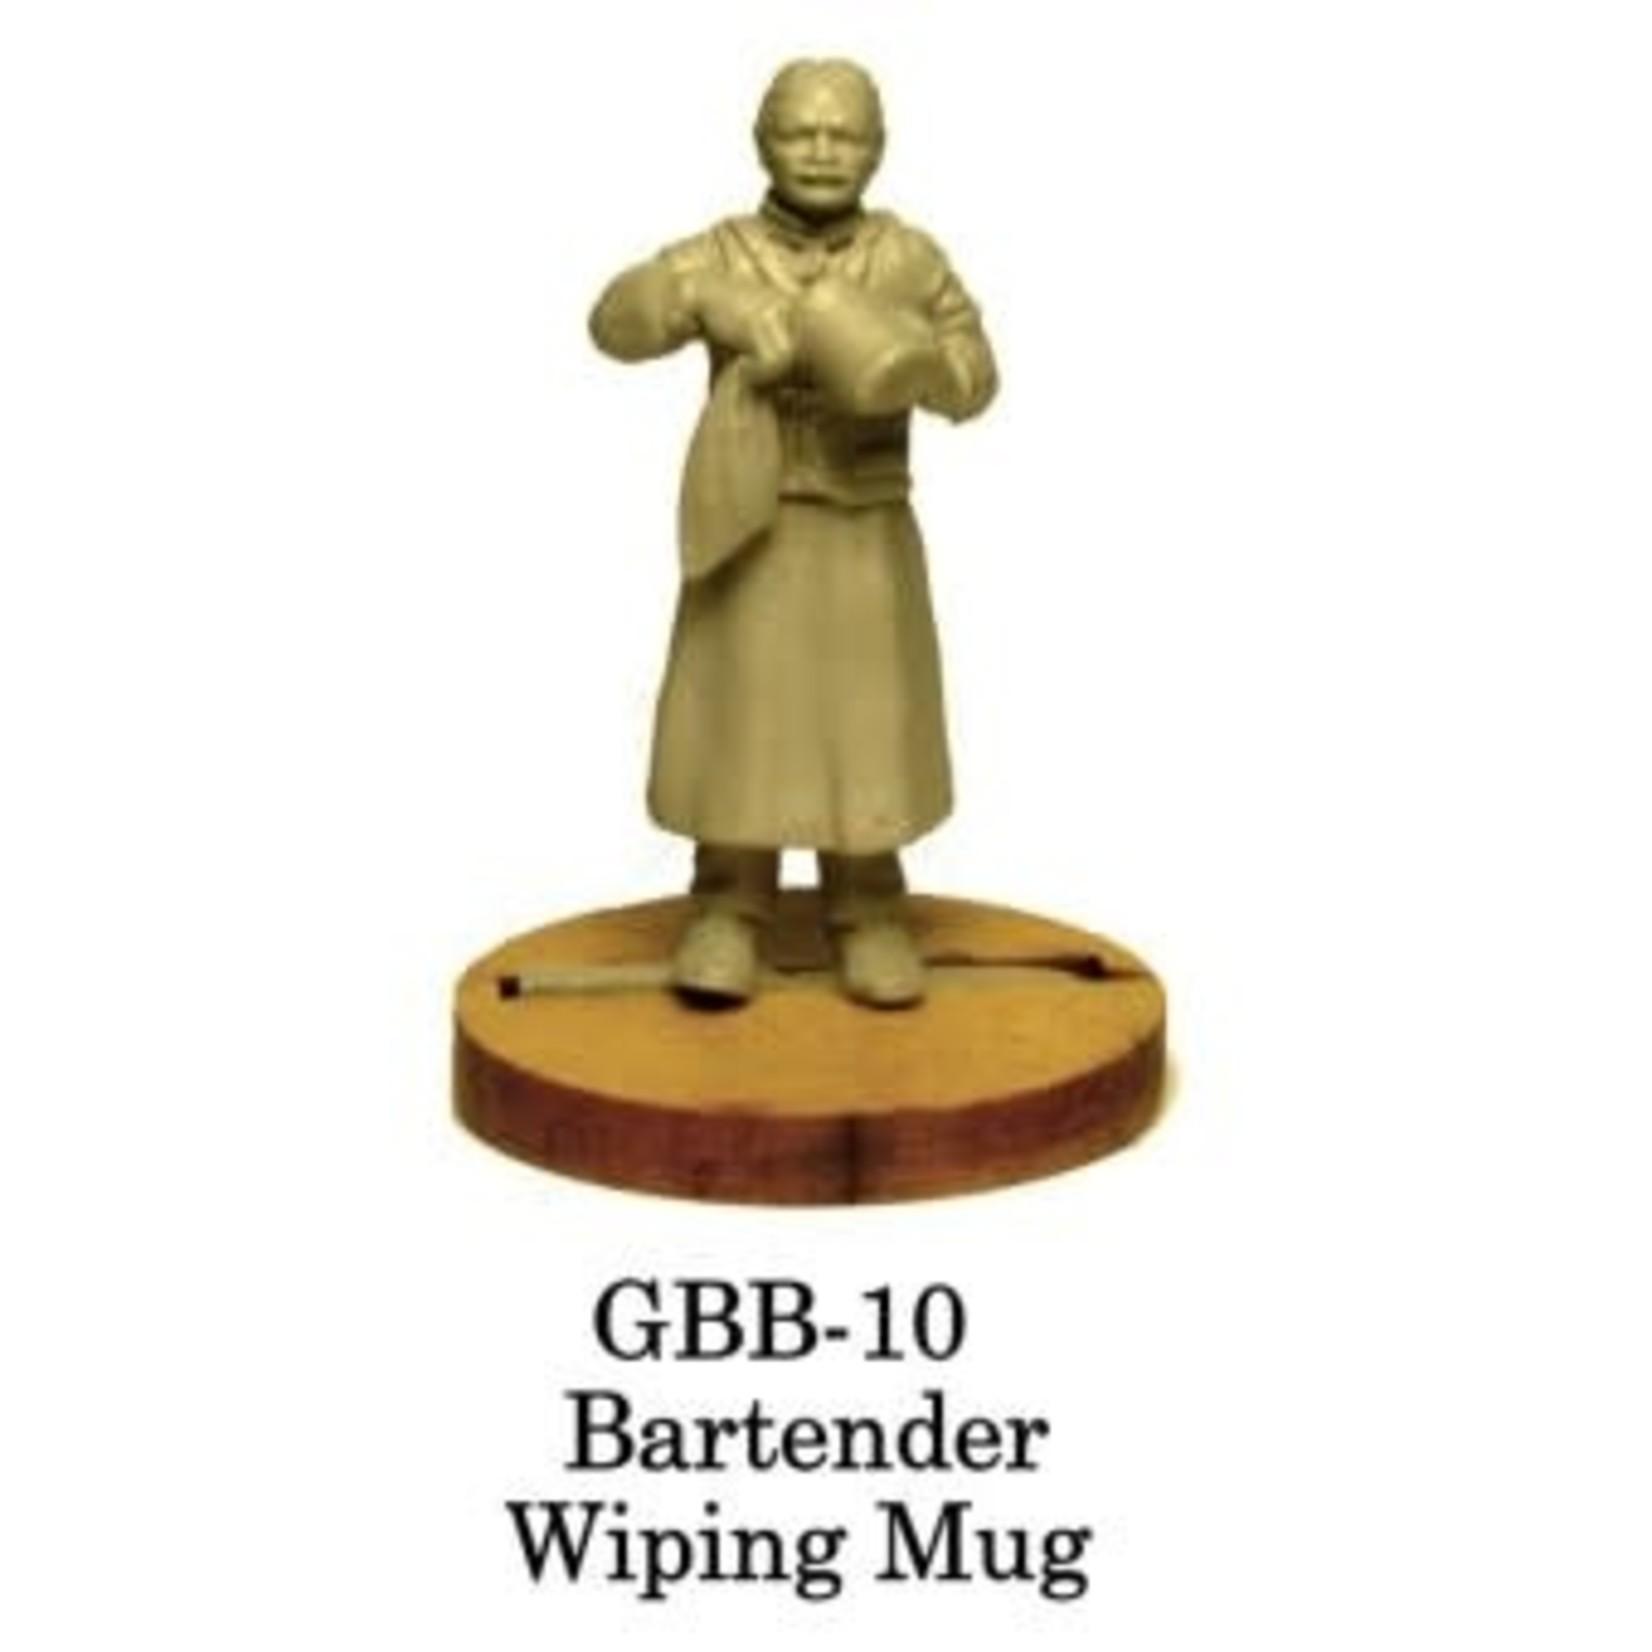 Bartender Wiping Mug